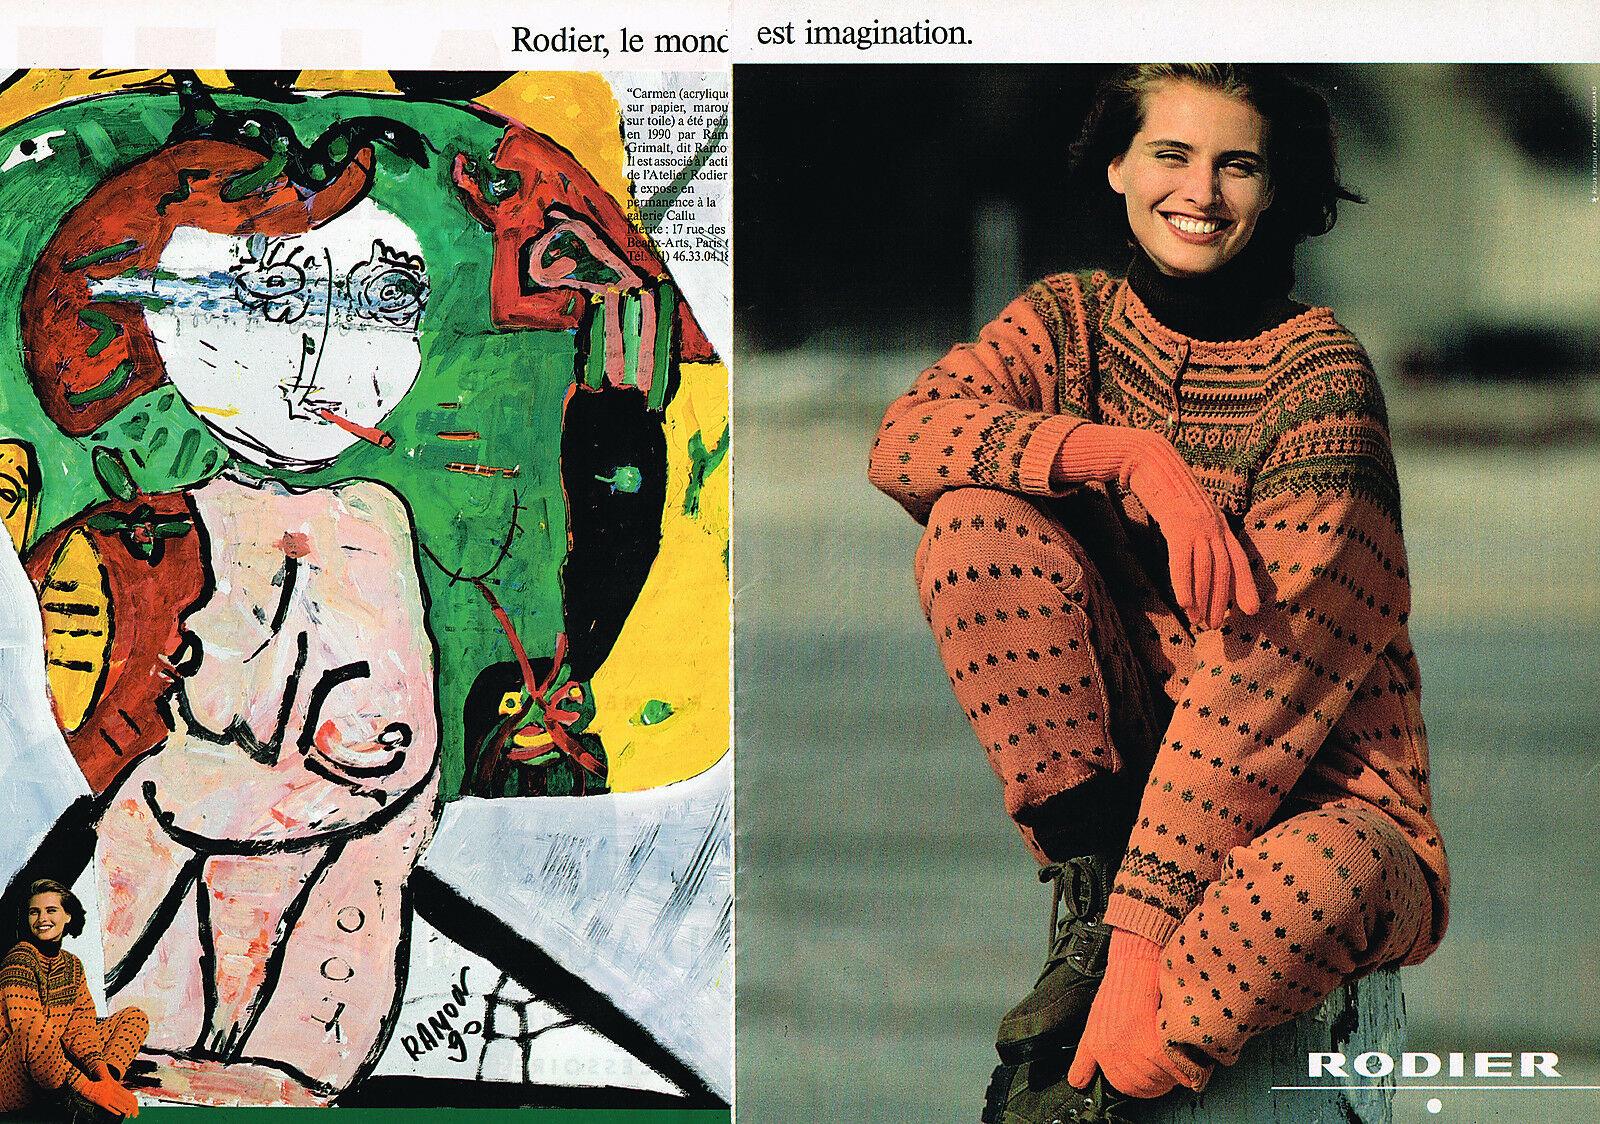 1990 Rodier A1 Carmen, par Ramon Grivalt